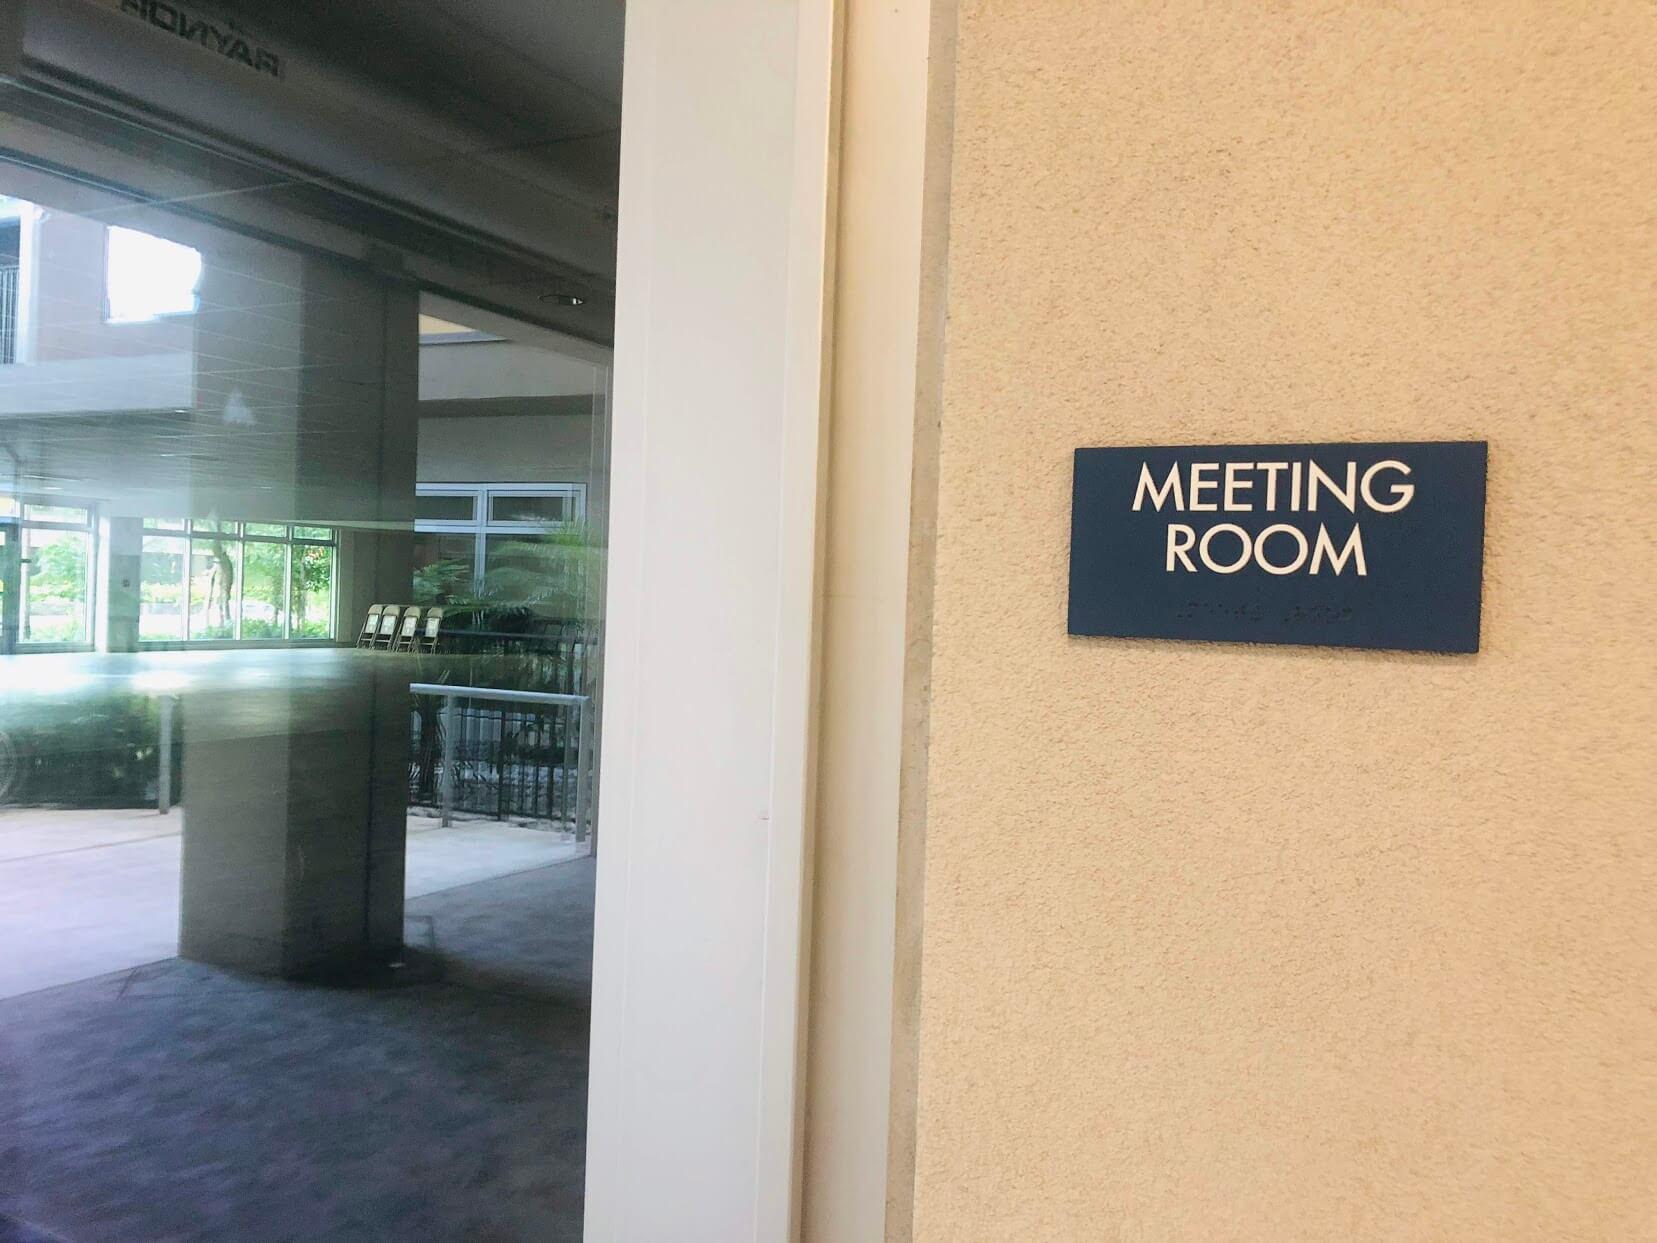 801 South Stのミーティングルーム